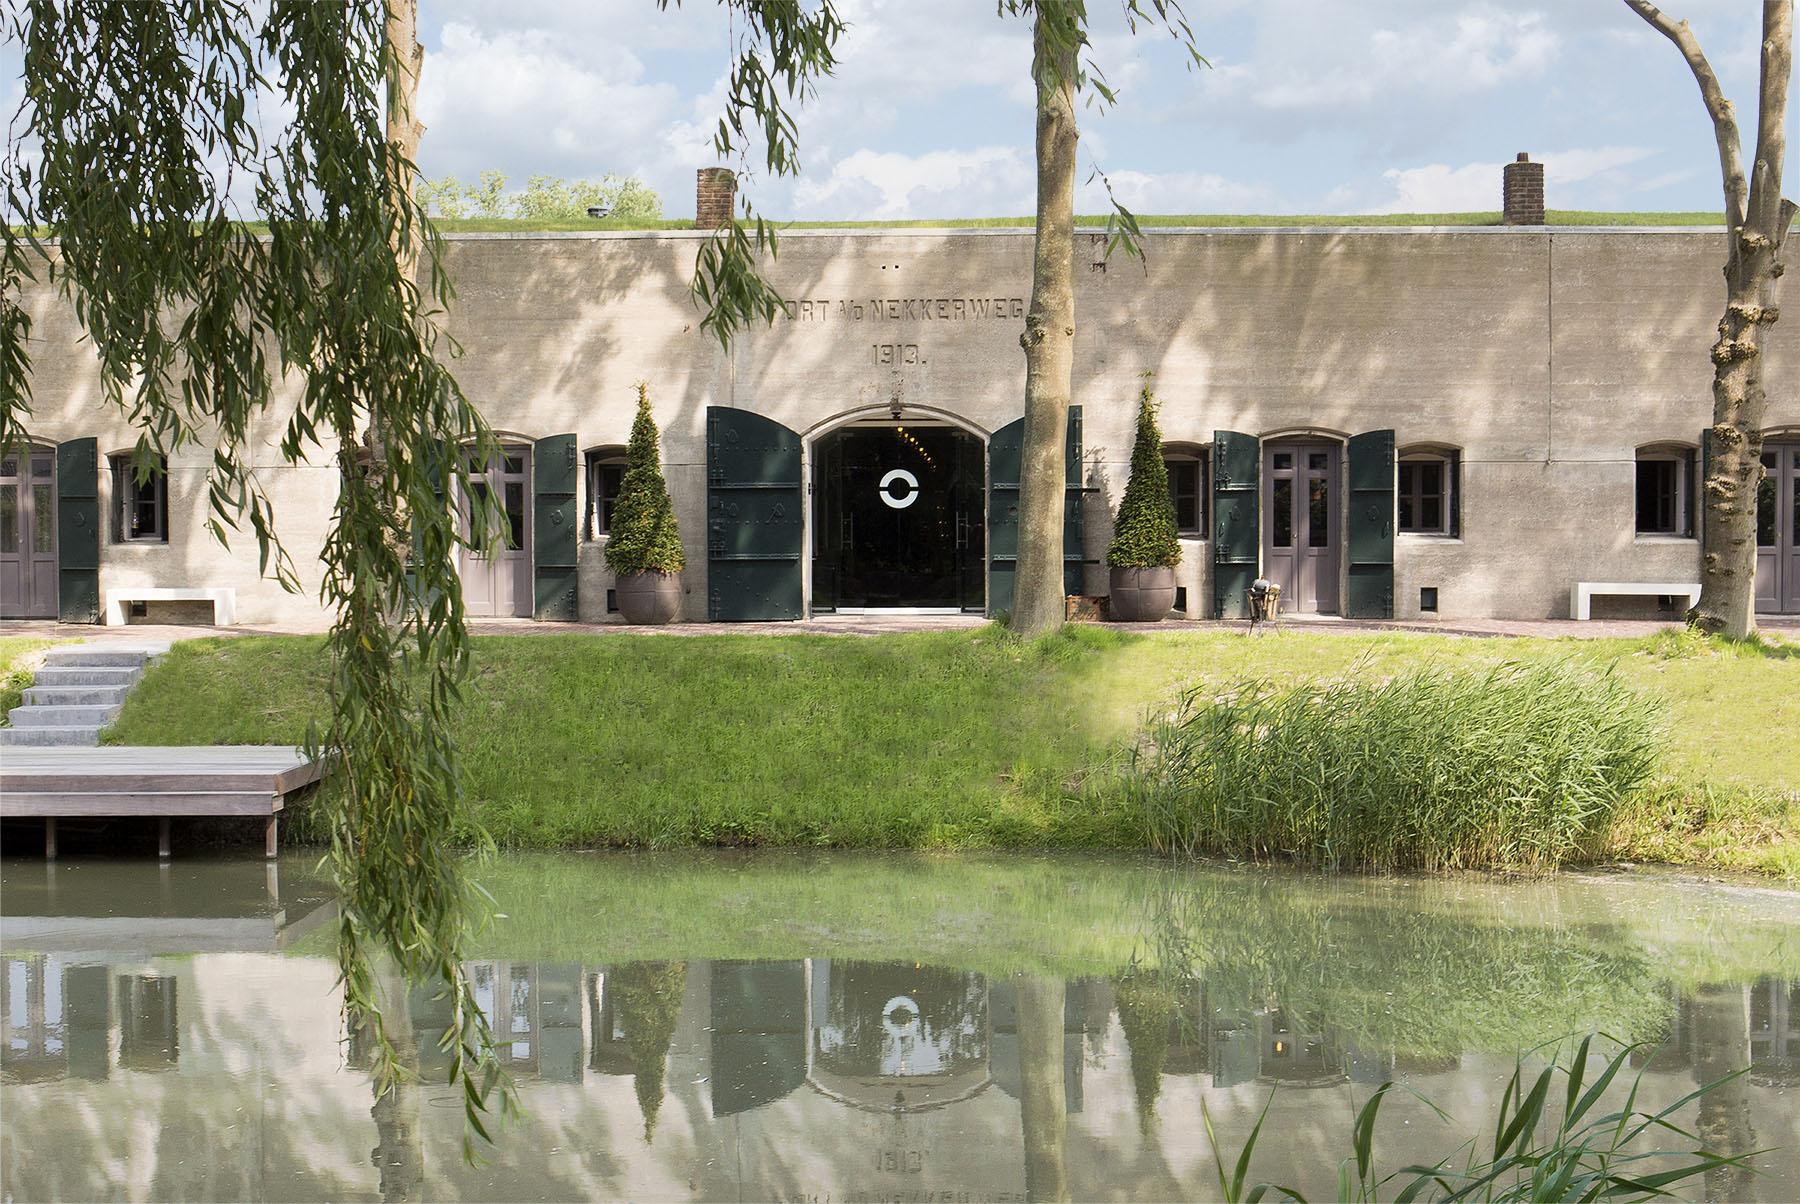 Welkom bij Fort Resort Beemster een unieke Spa & Wellness met hotelkamers, twee restaurants, diverse zalen voor vergaderingen en bruiloften en een luxe spa voor massages, gezichtsbehandelingen, hammam & meer. Ontdek het nu zelf. Op slechts 20 minuten van Amsterdam, De mooiste sauna van Nederland.